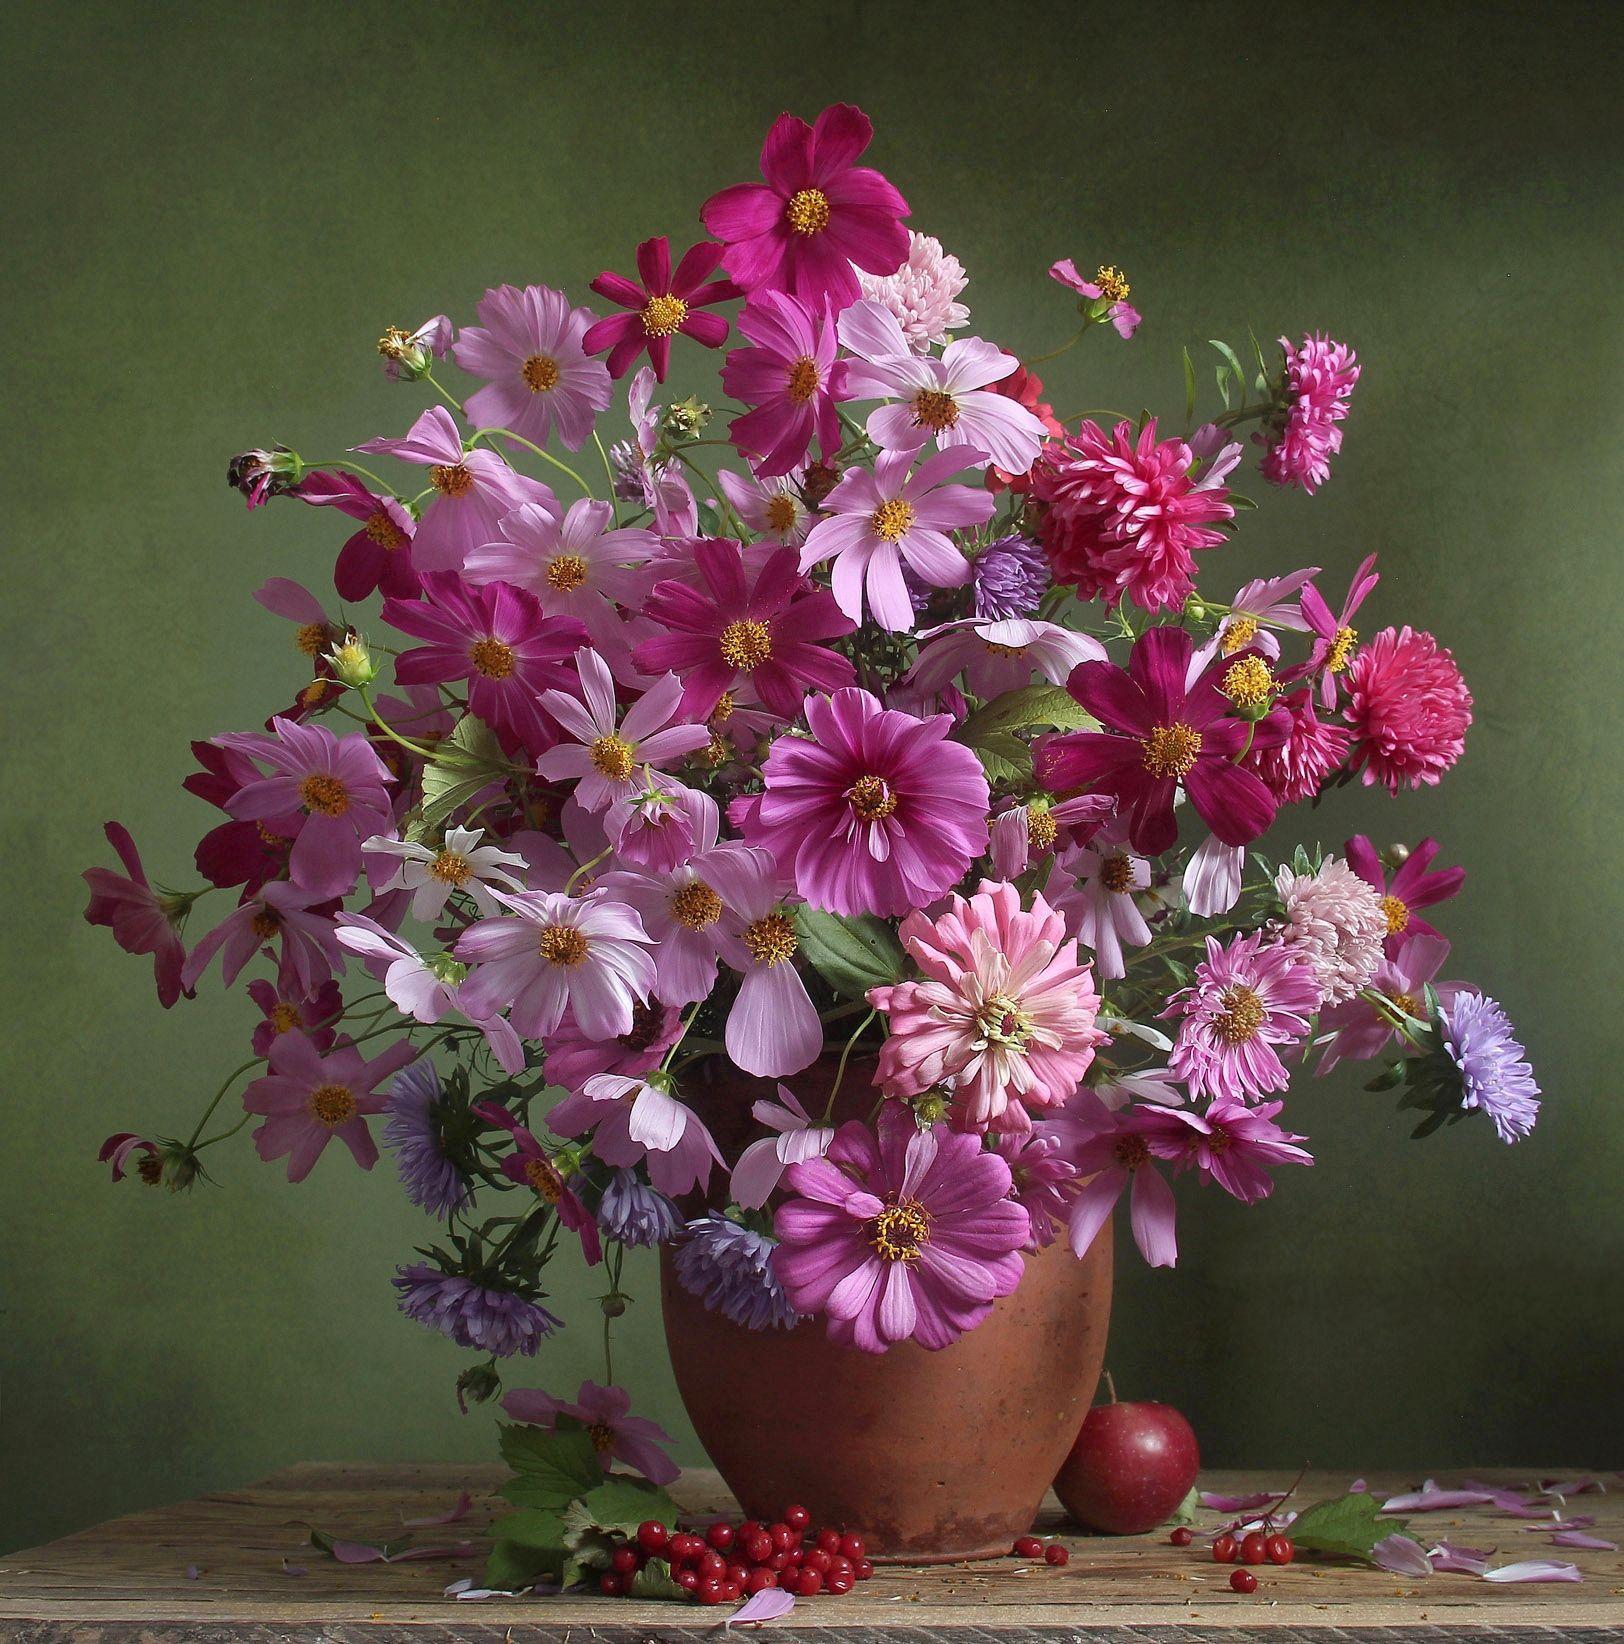 лето,  цветы, натюрморт, марина филатова, космея, Филатова Марина